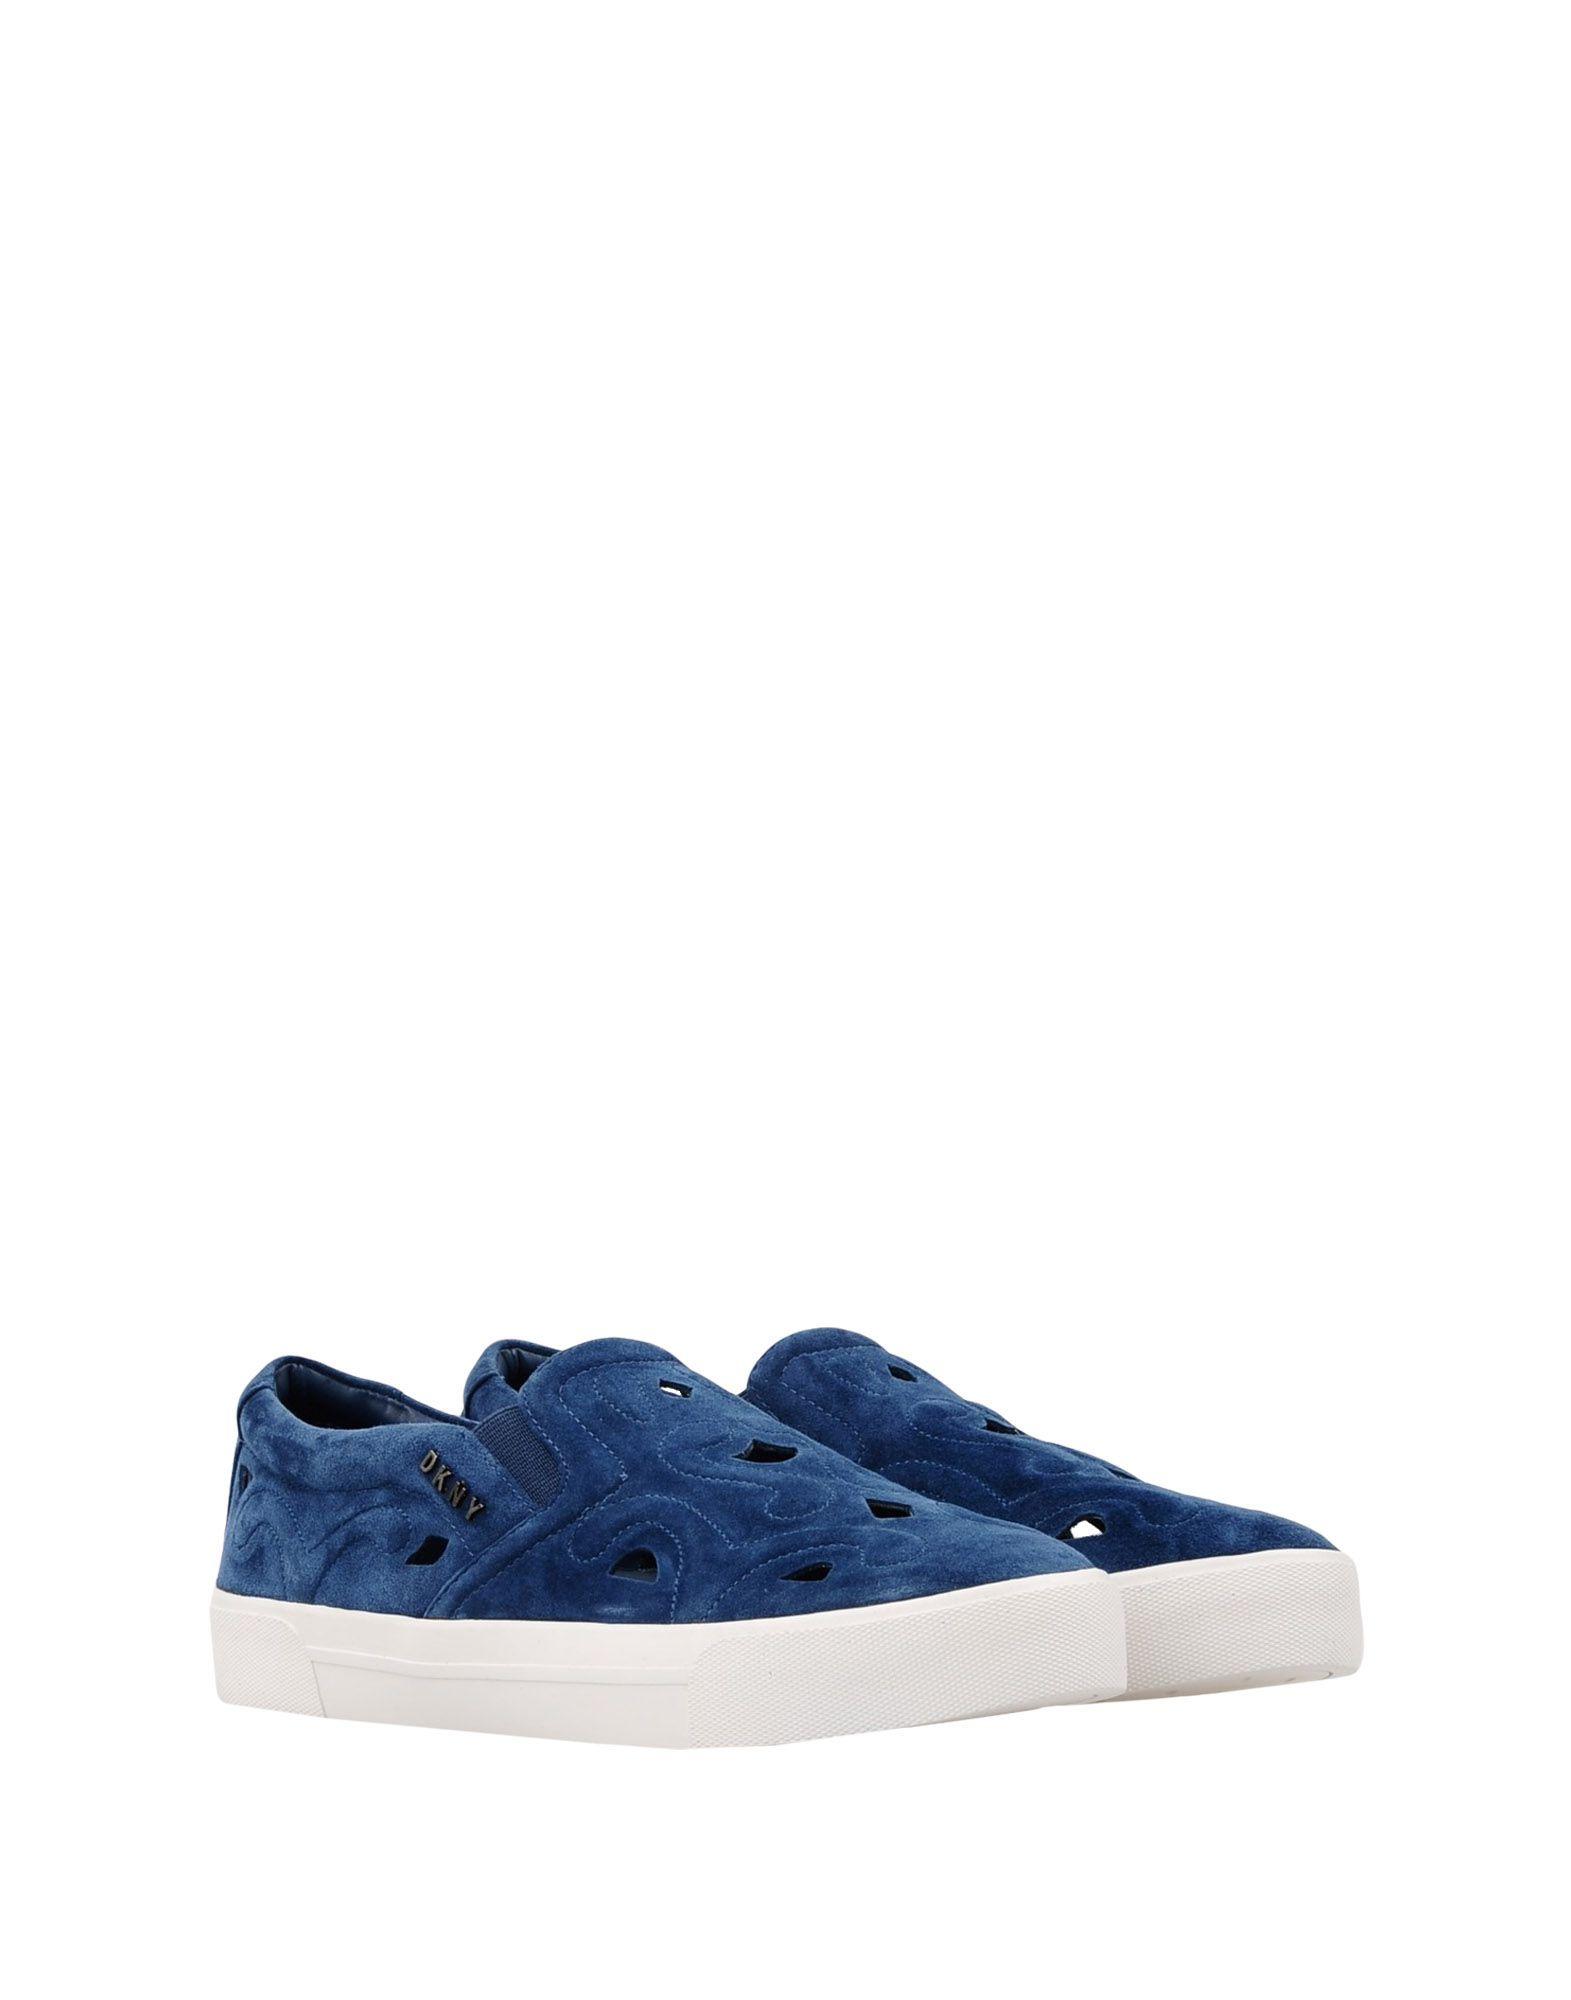 Sneakers Dkny Bess - Slip On Sneak - Donna - 11428580DA